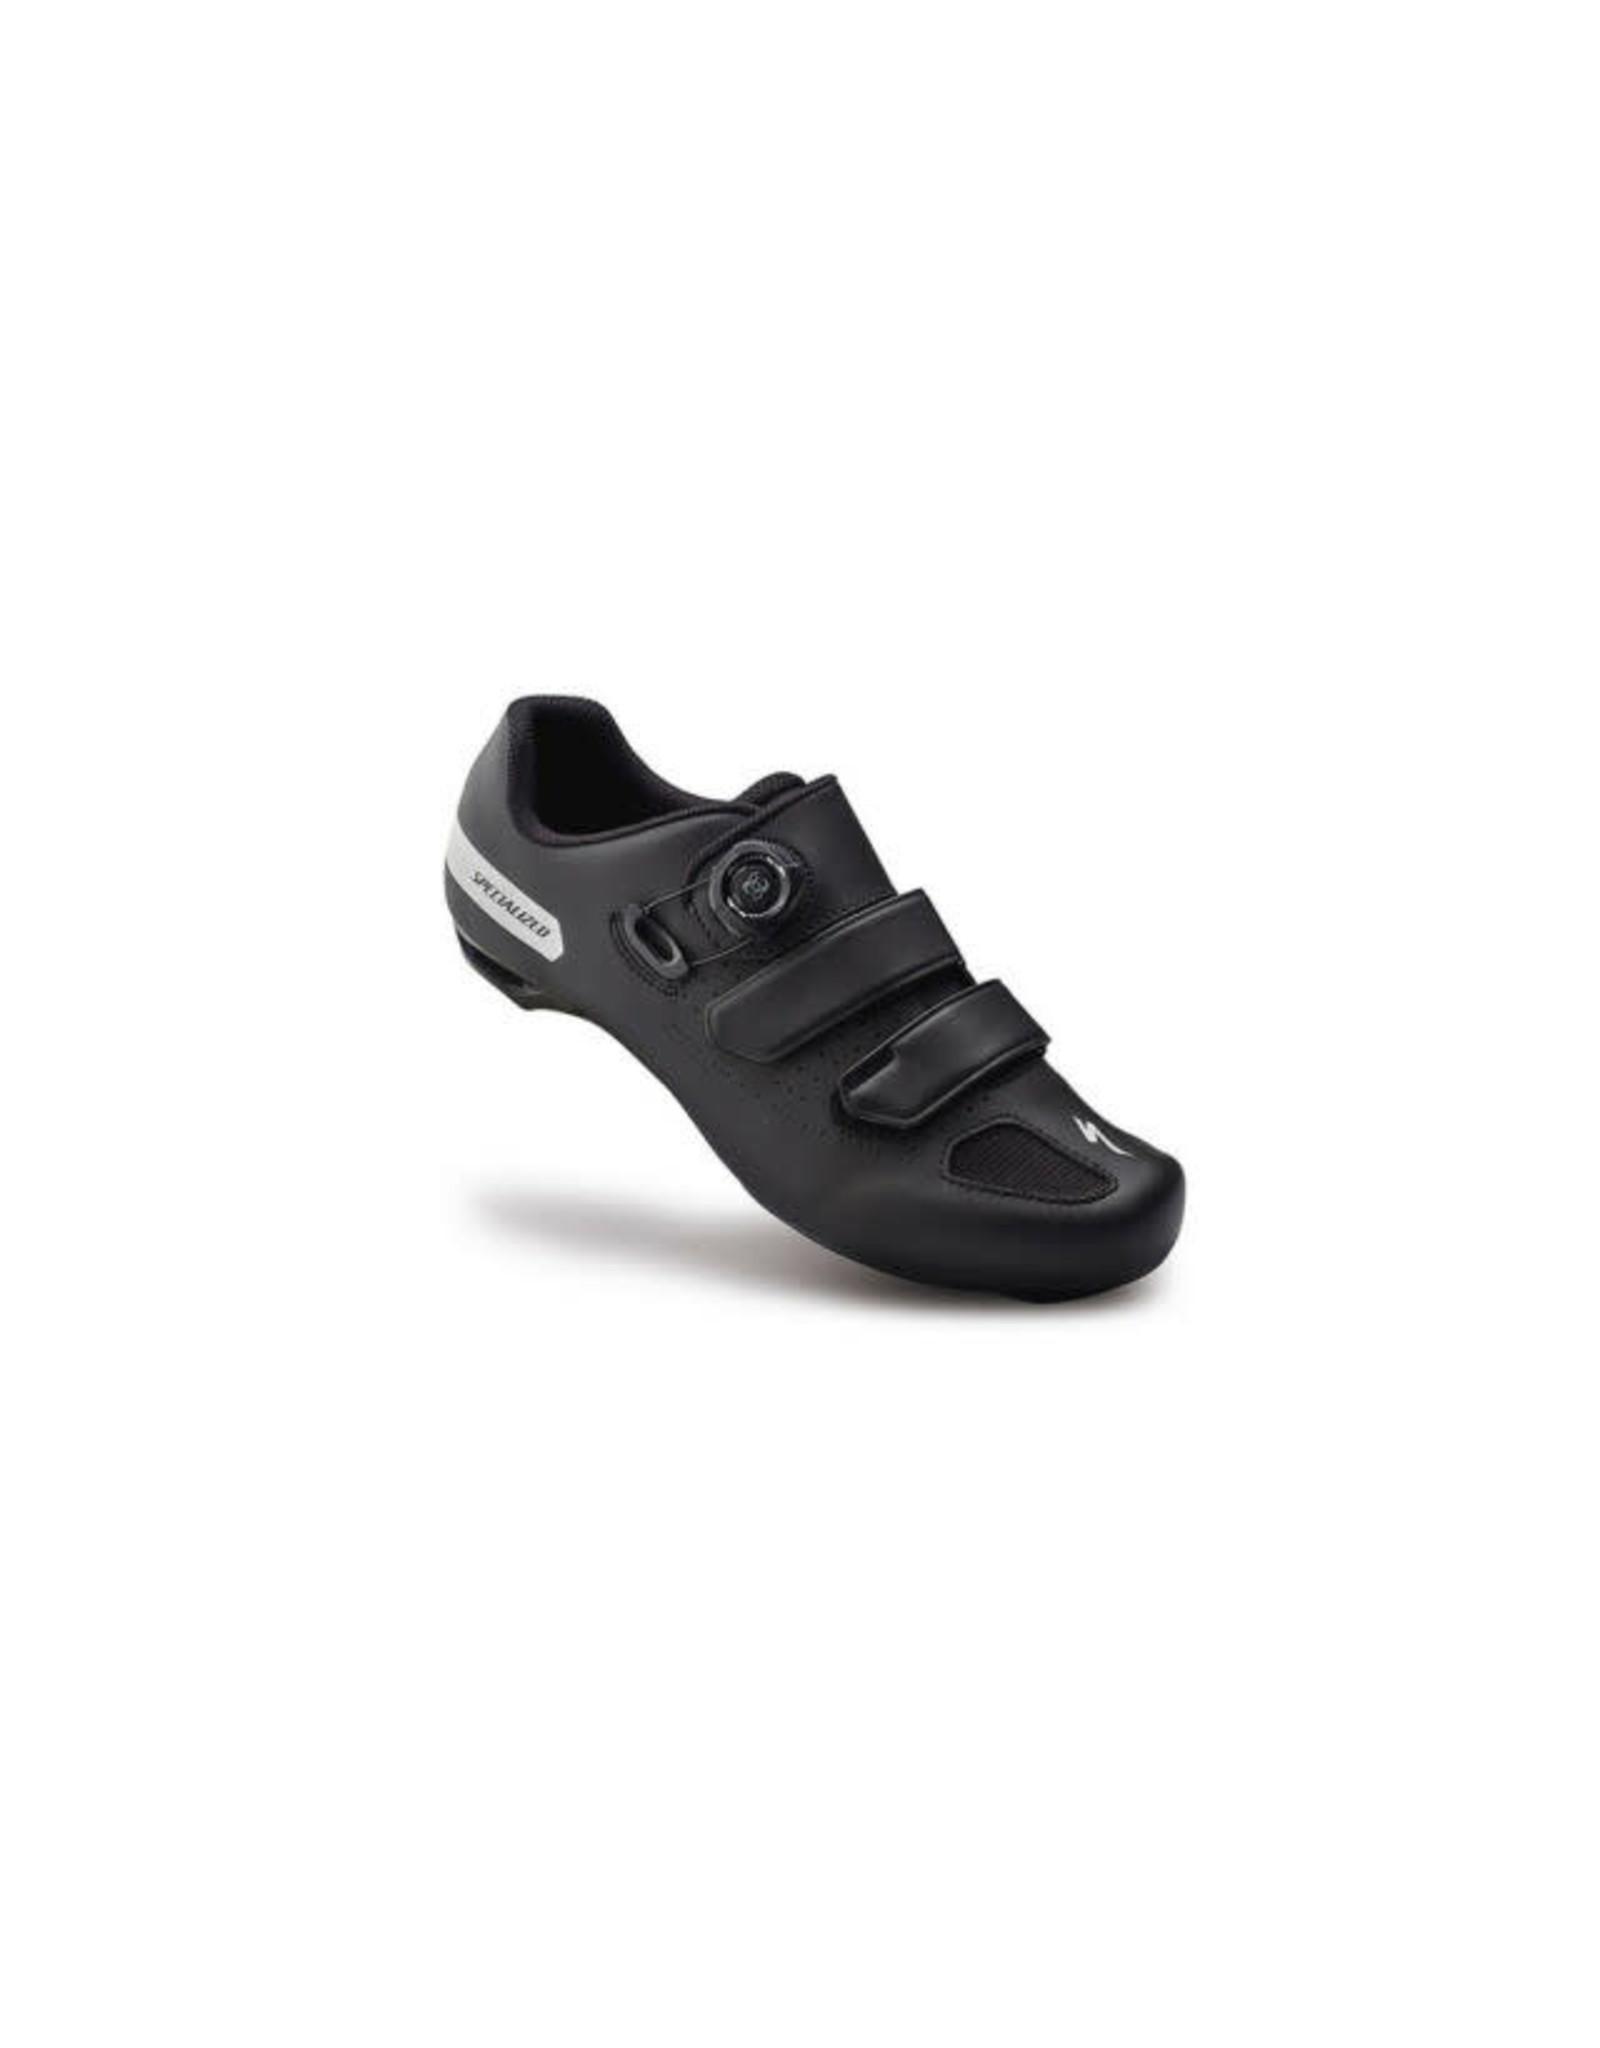 Specialized Shoe Spec Comp Rd Blk 44.5/11